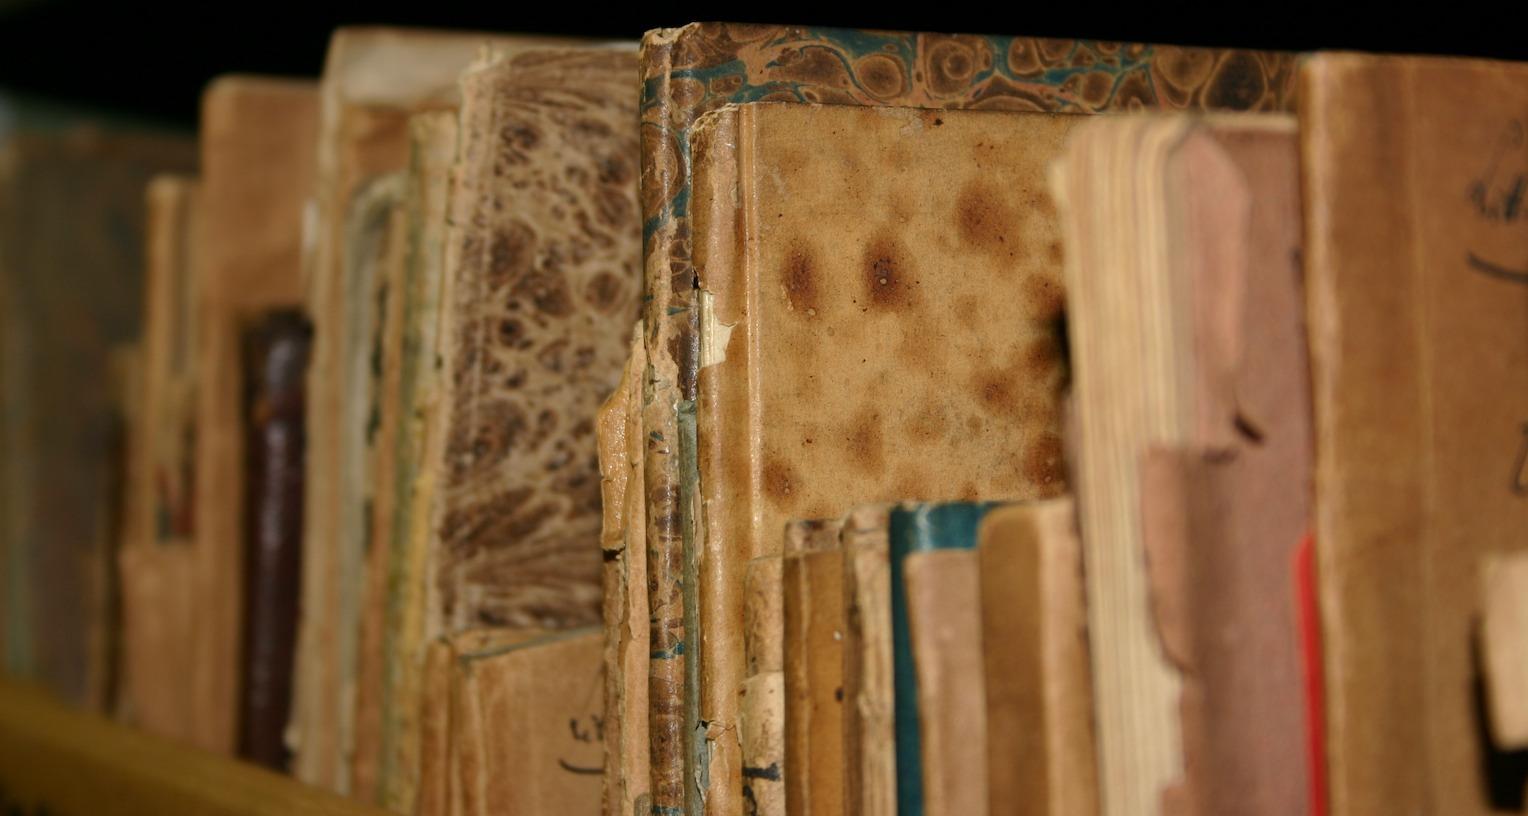 photo of libretti collection